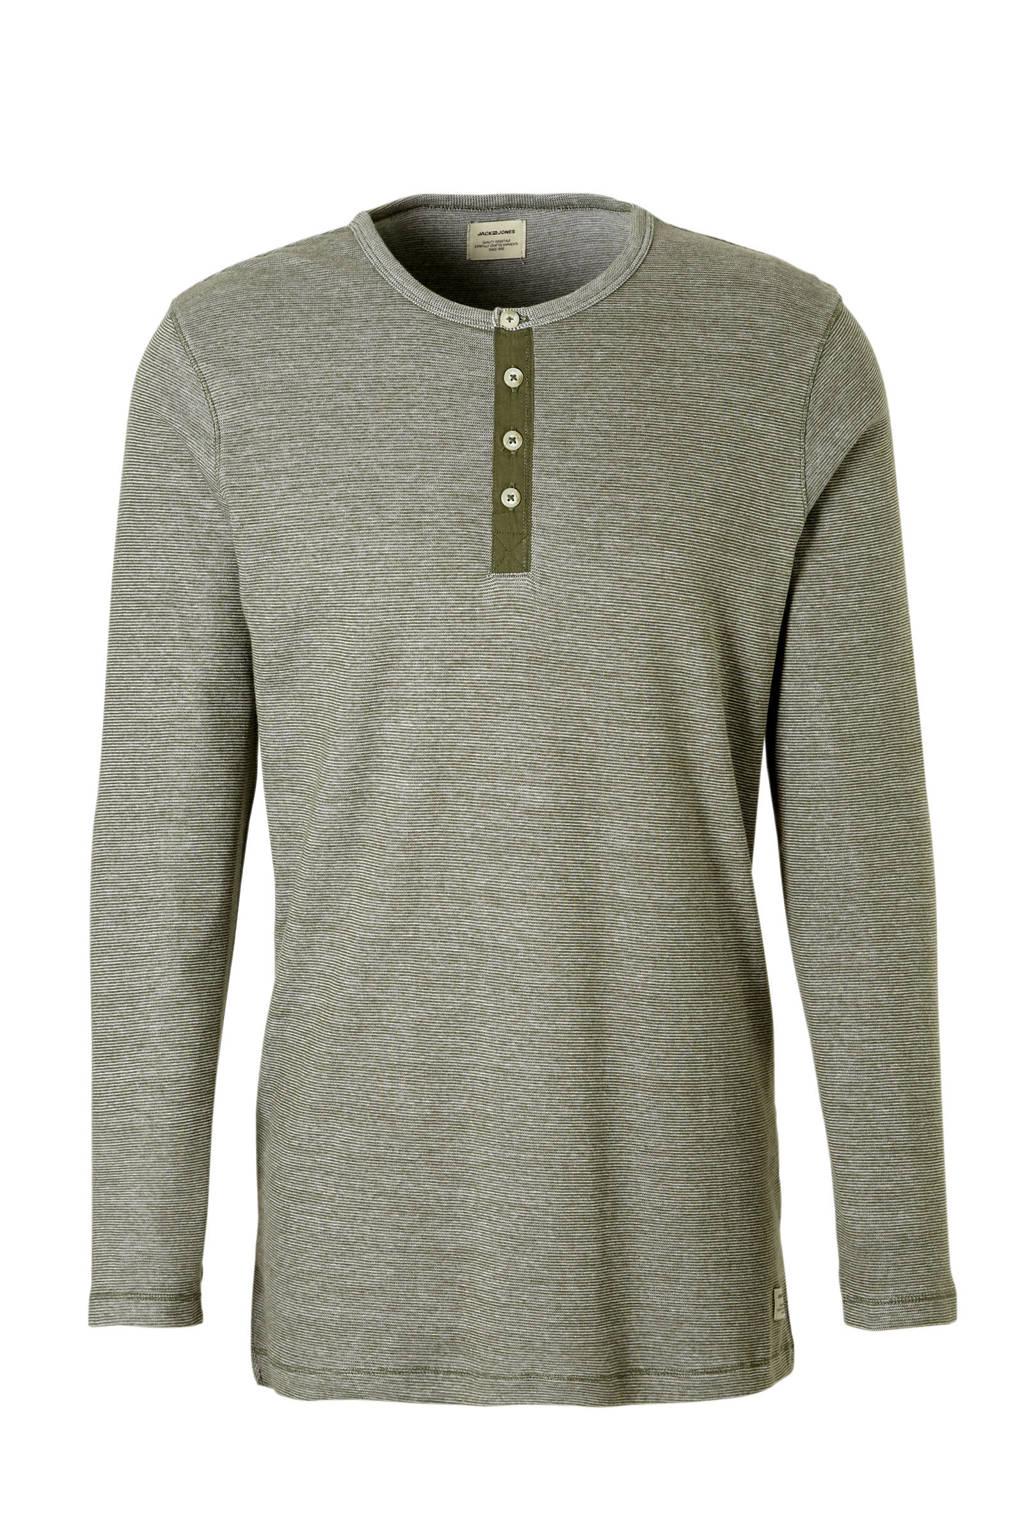 Jack & Jones Essentials t-shirt lange mouw, Groen